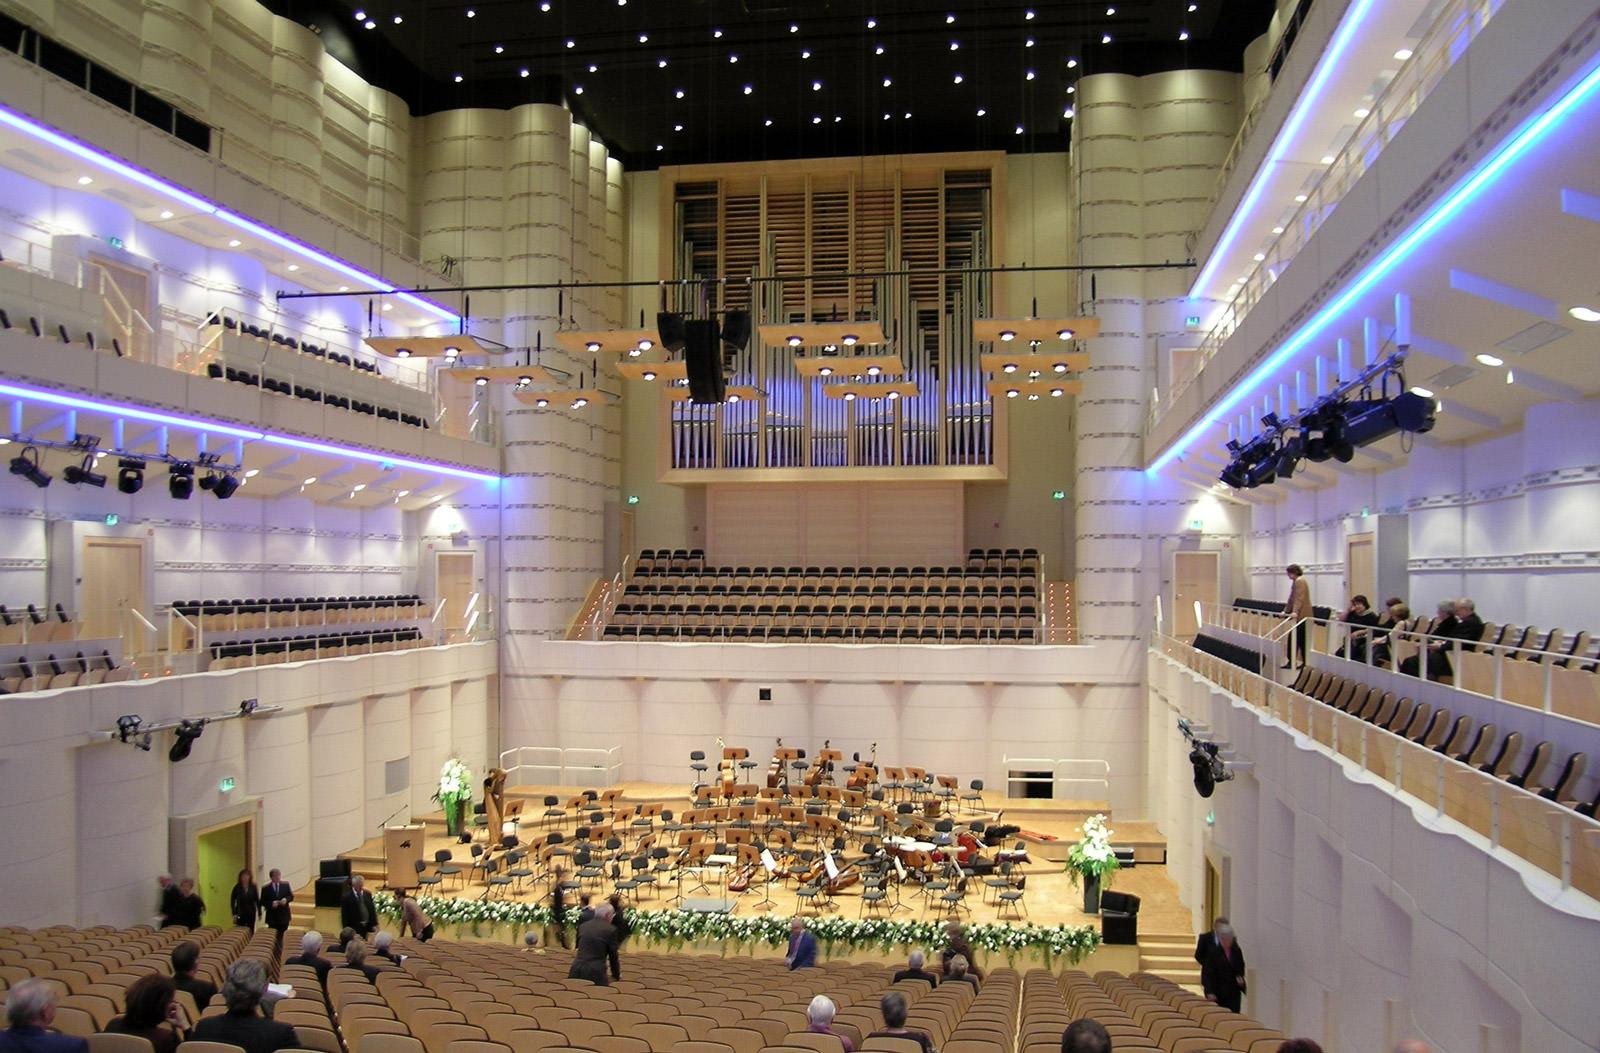 Dormtund Konzerthaus